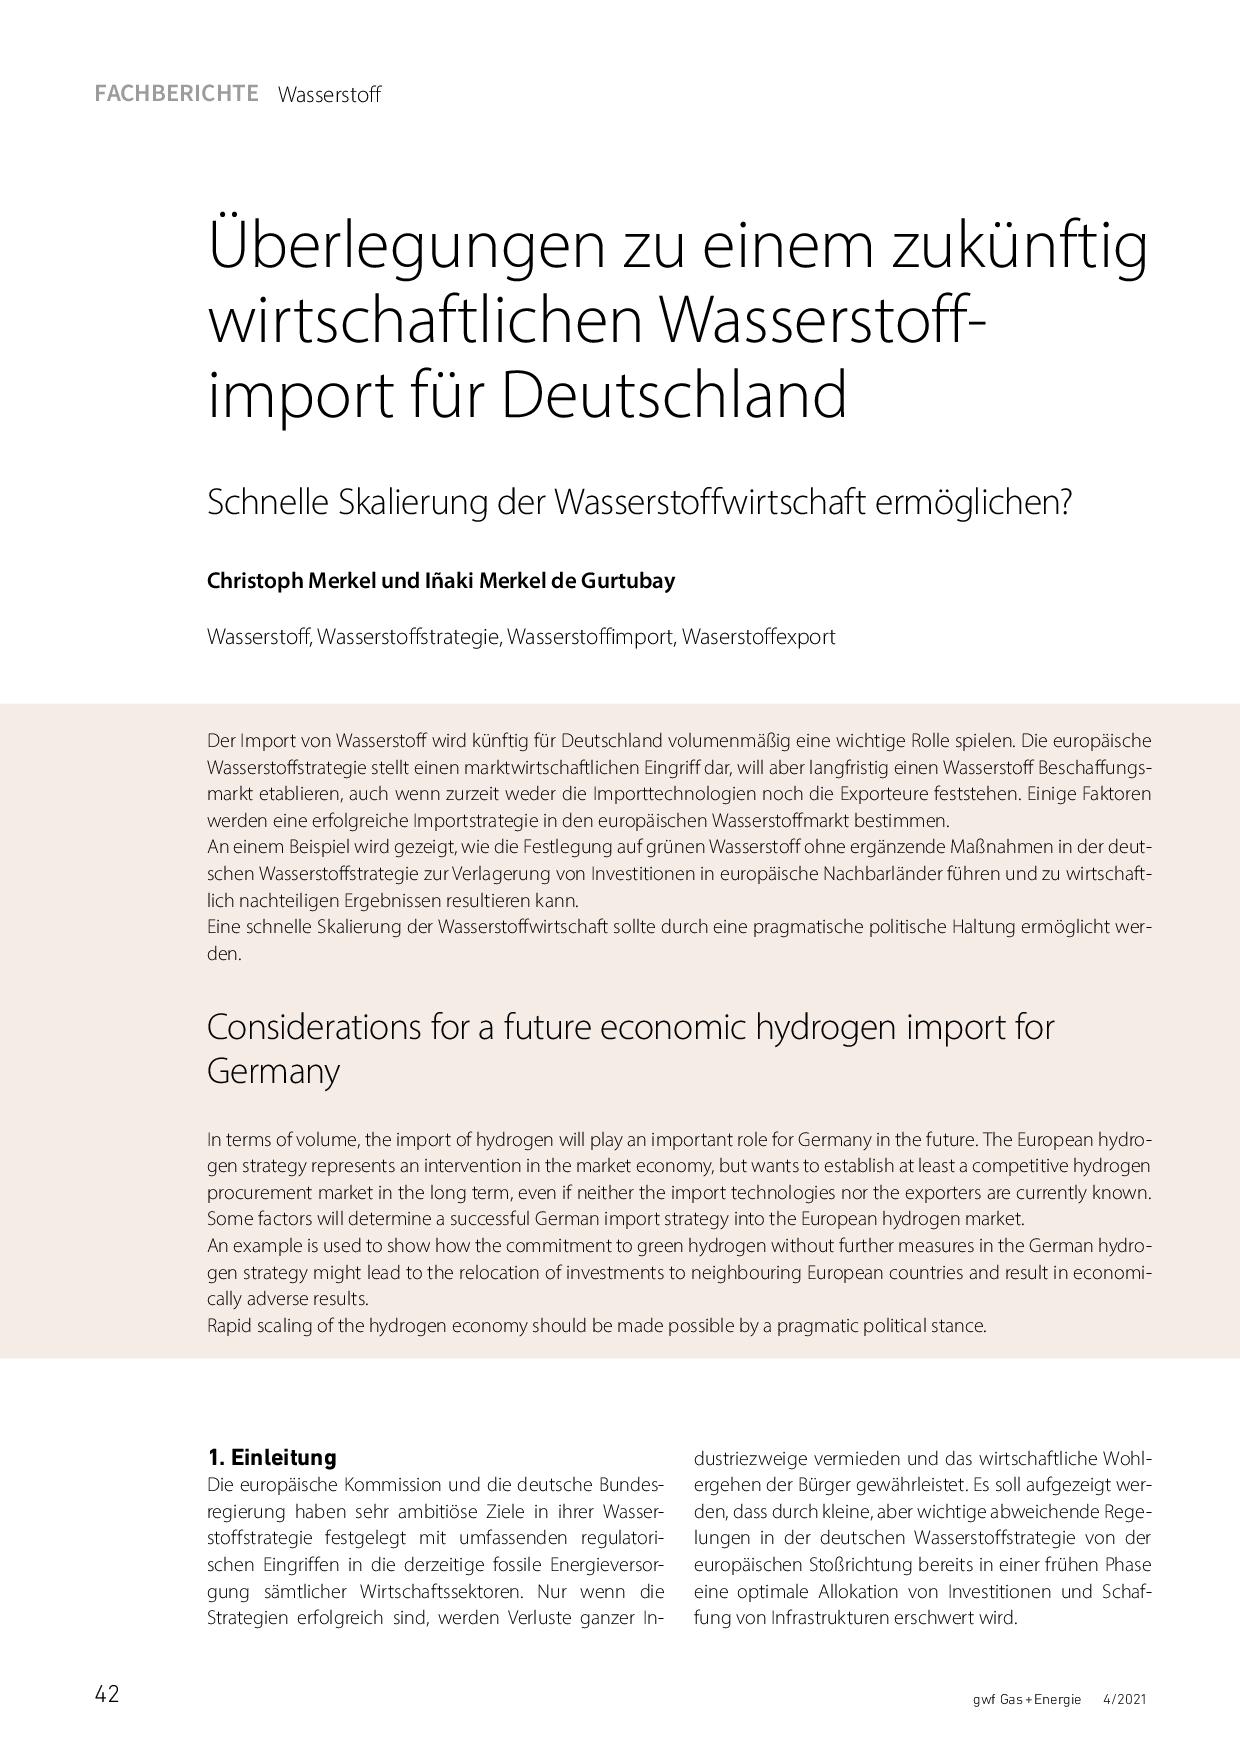 Überlegungen zu einem zukünftig wirtschaftlichen Wasserstoffimport für Deutschland